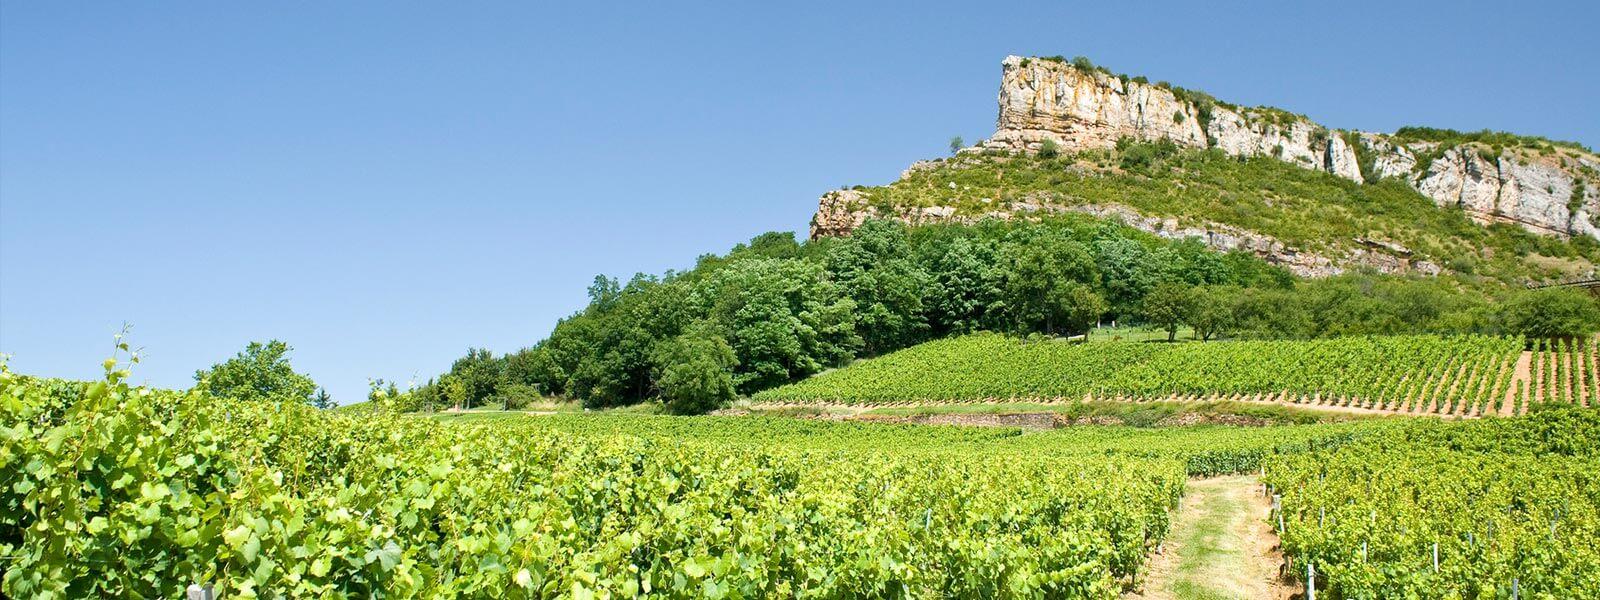 Kanpai Tourisme - Macon & Beaujolais wine tour